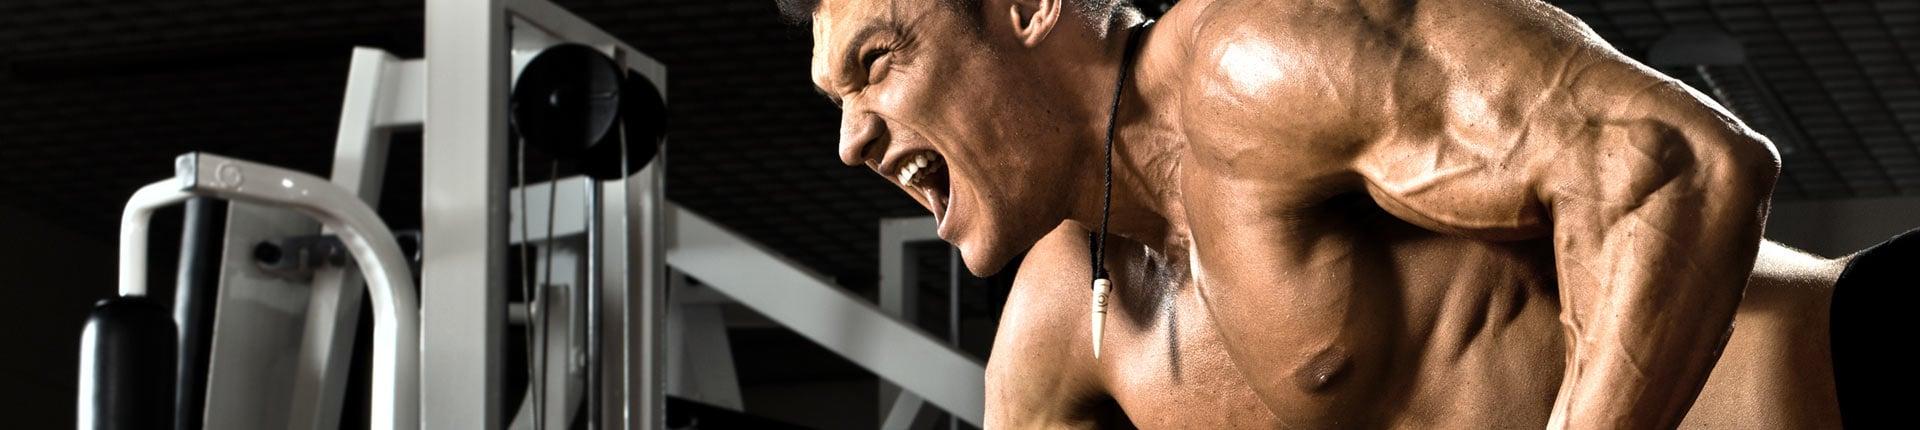 Zbyt intensywny trening nie powoduje wzrostu mięśni